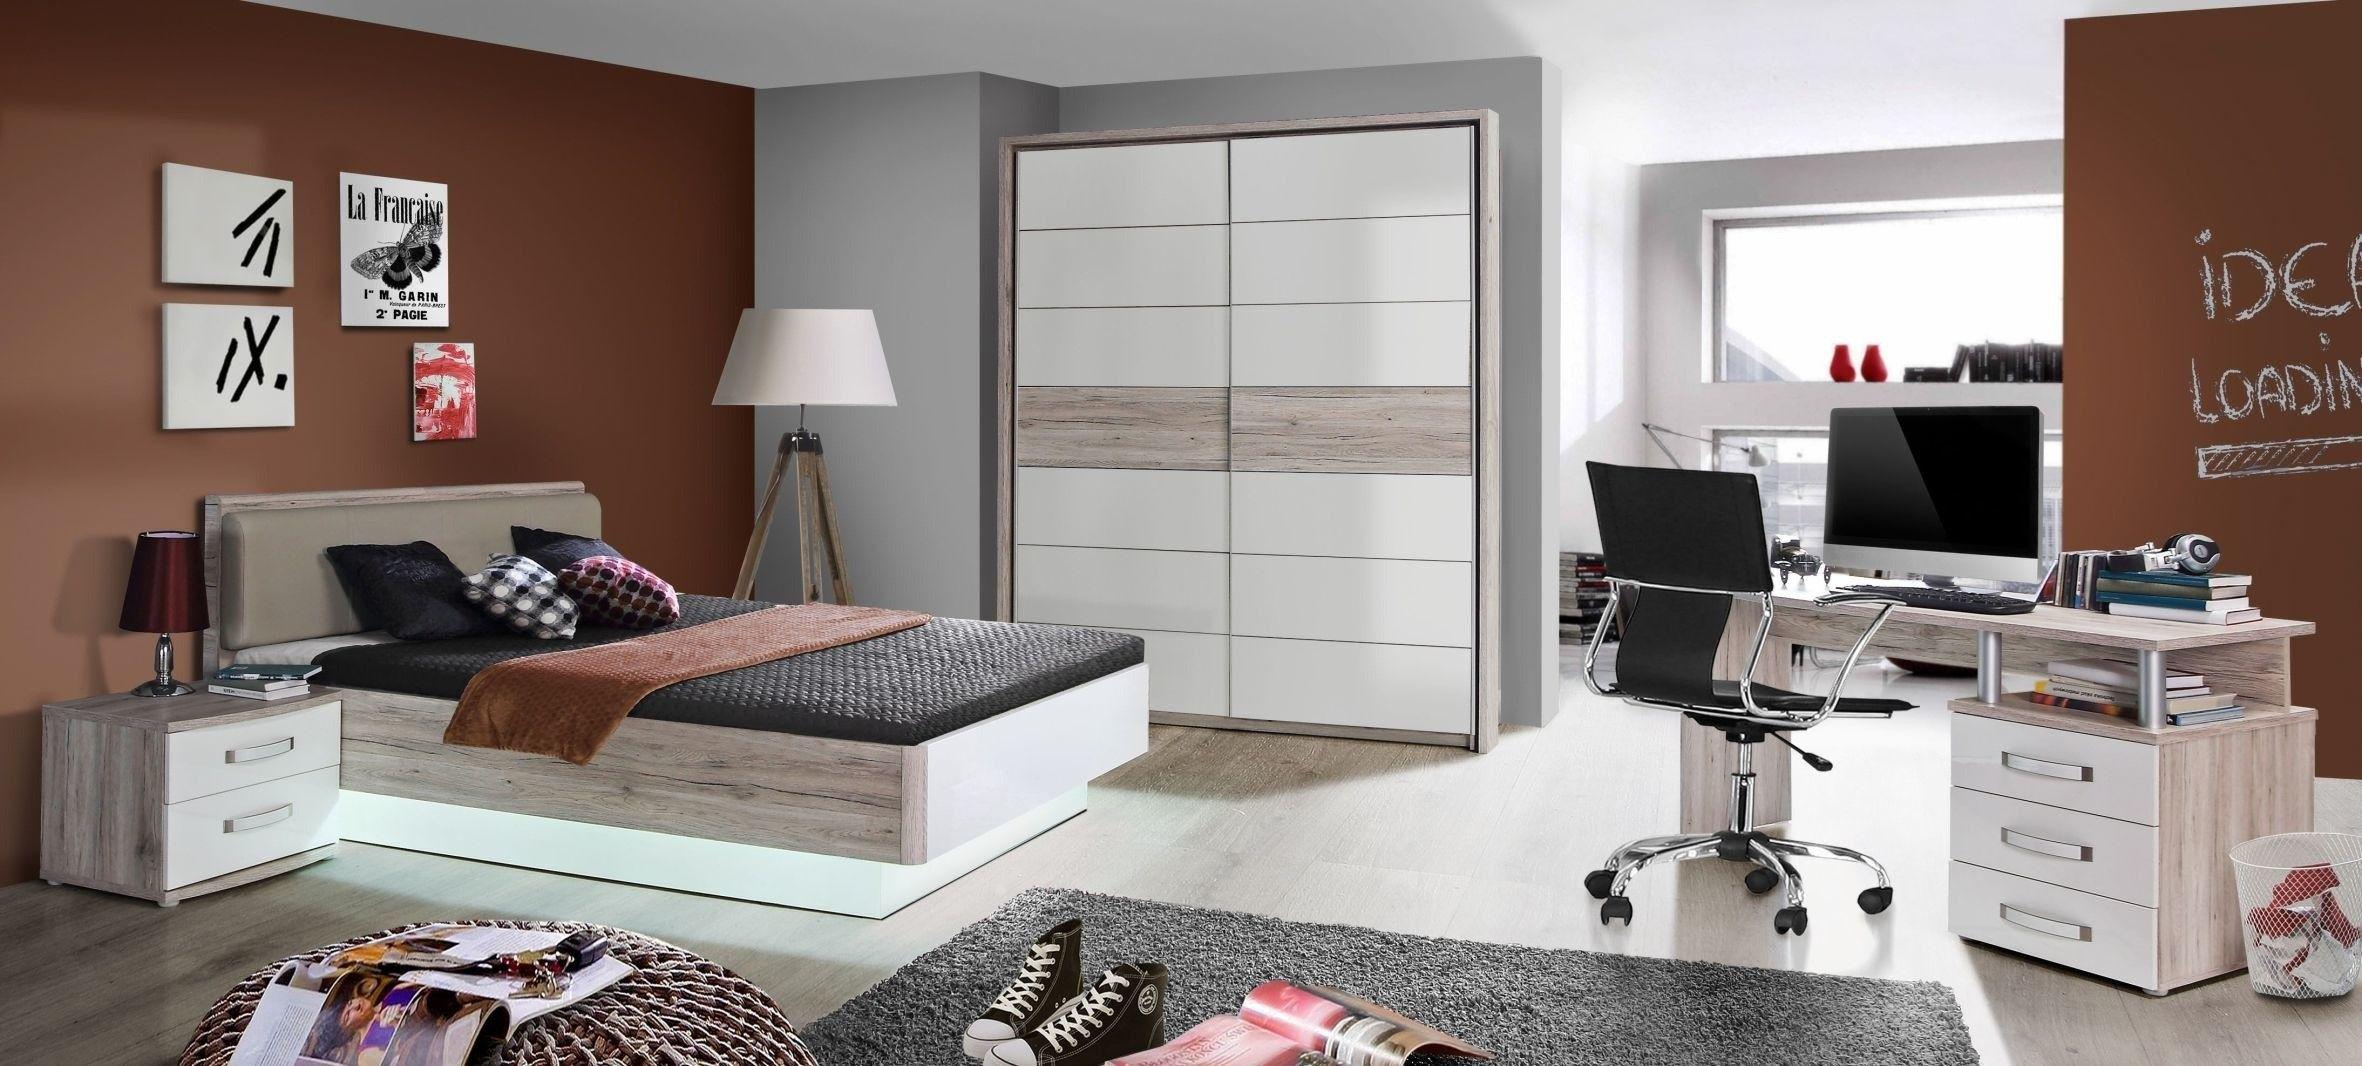 Bett Randy Forte optiwohnwelt schlafzimmer